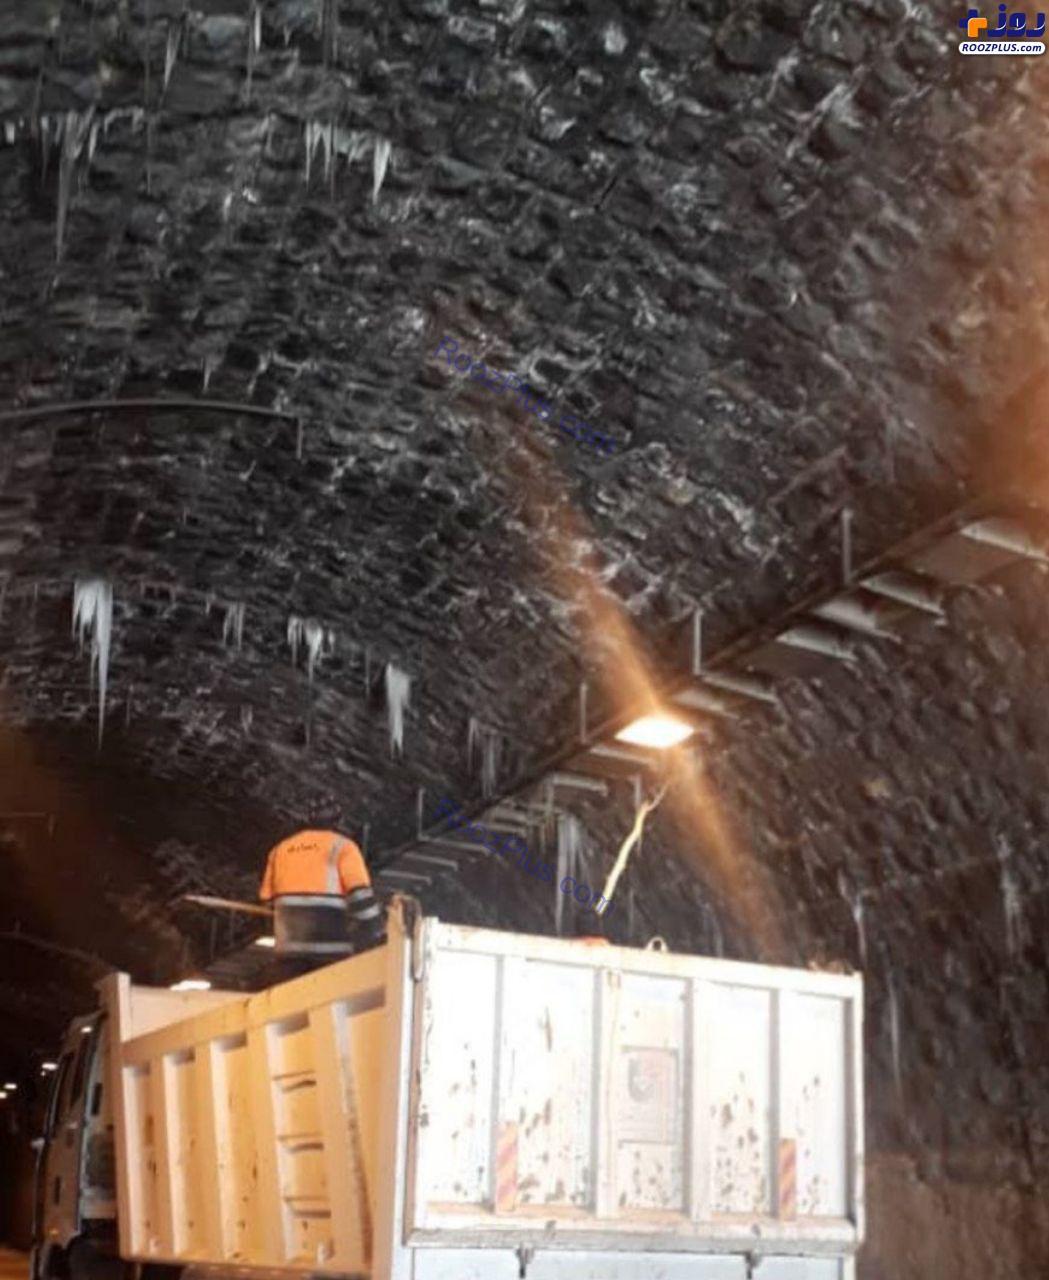 پاکسازی قندیلهای ایجاد شده در تونل کندوان +عکس